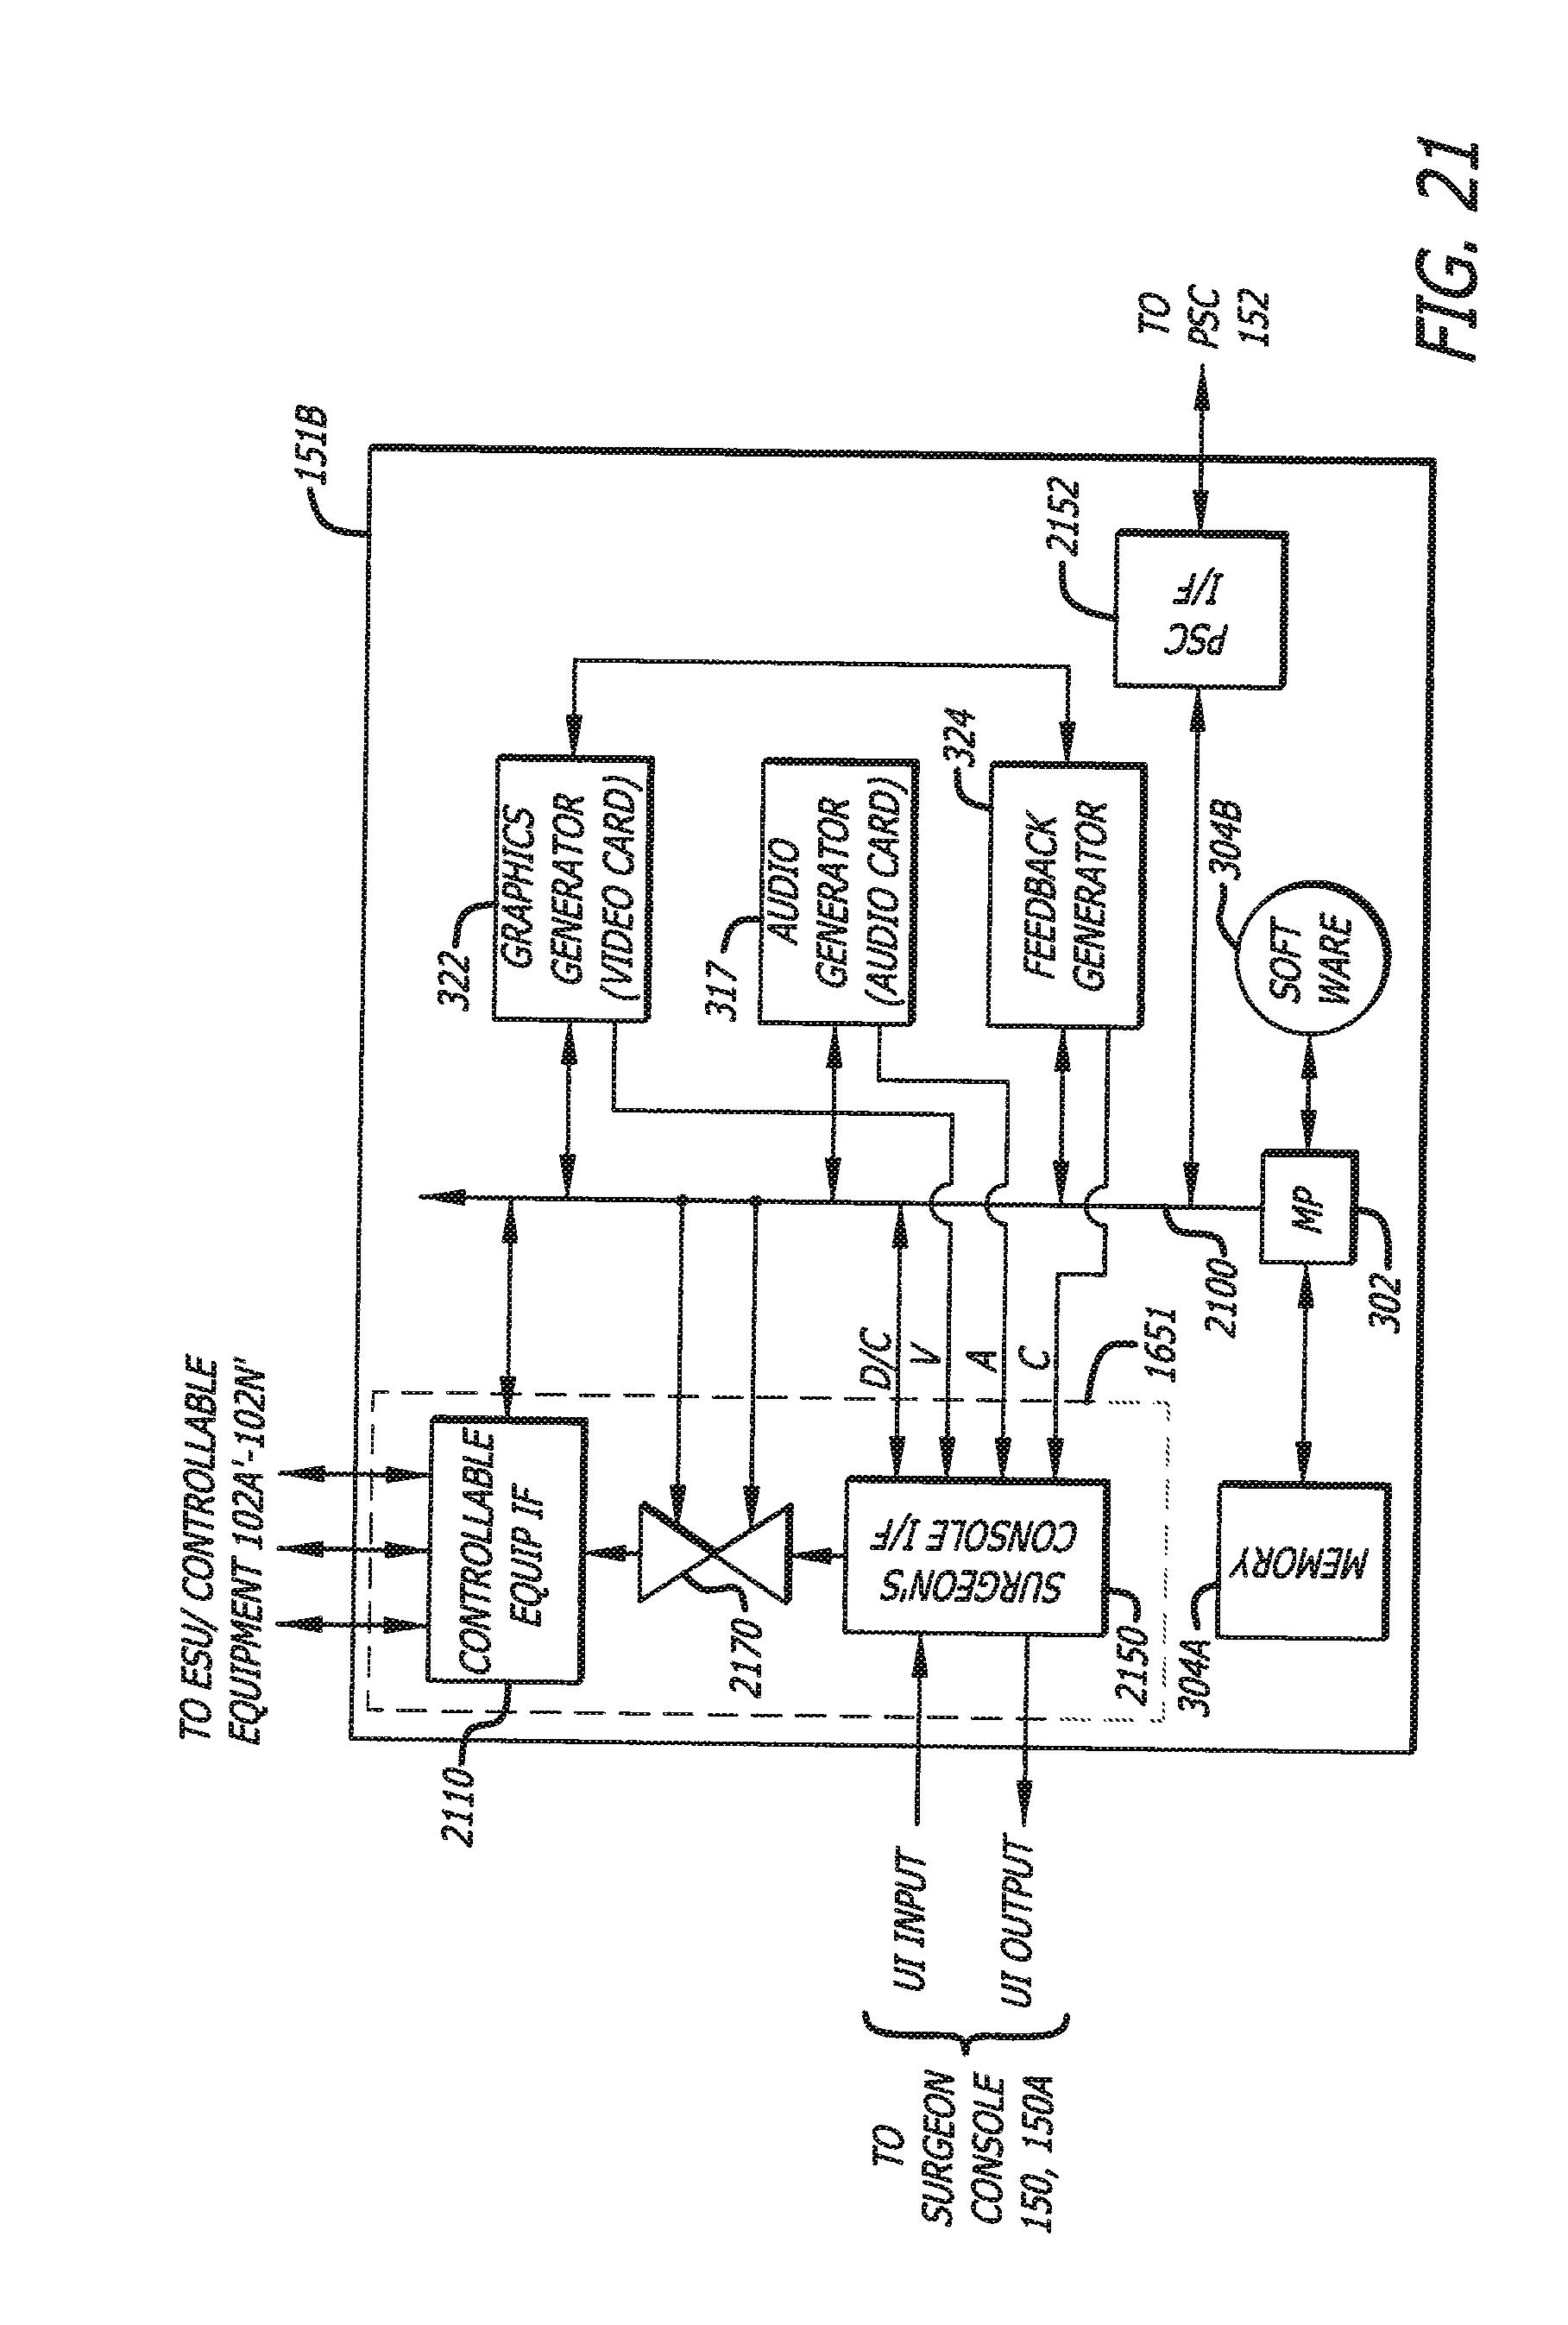 Royce 1 648 Mic Wiring Diagram